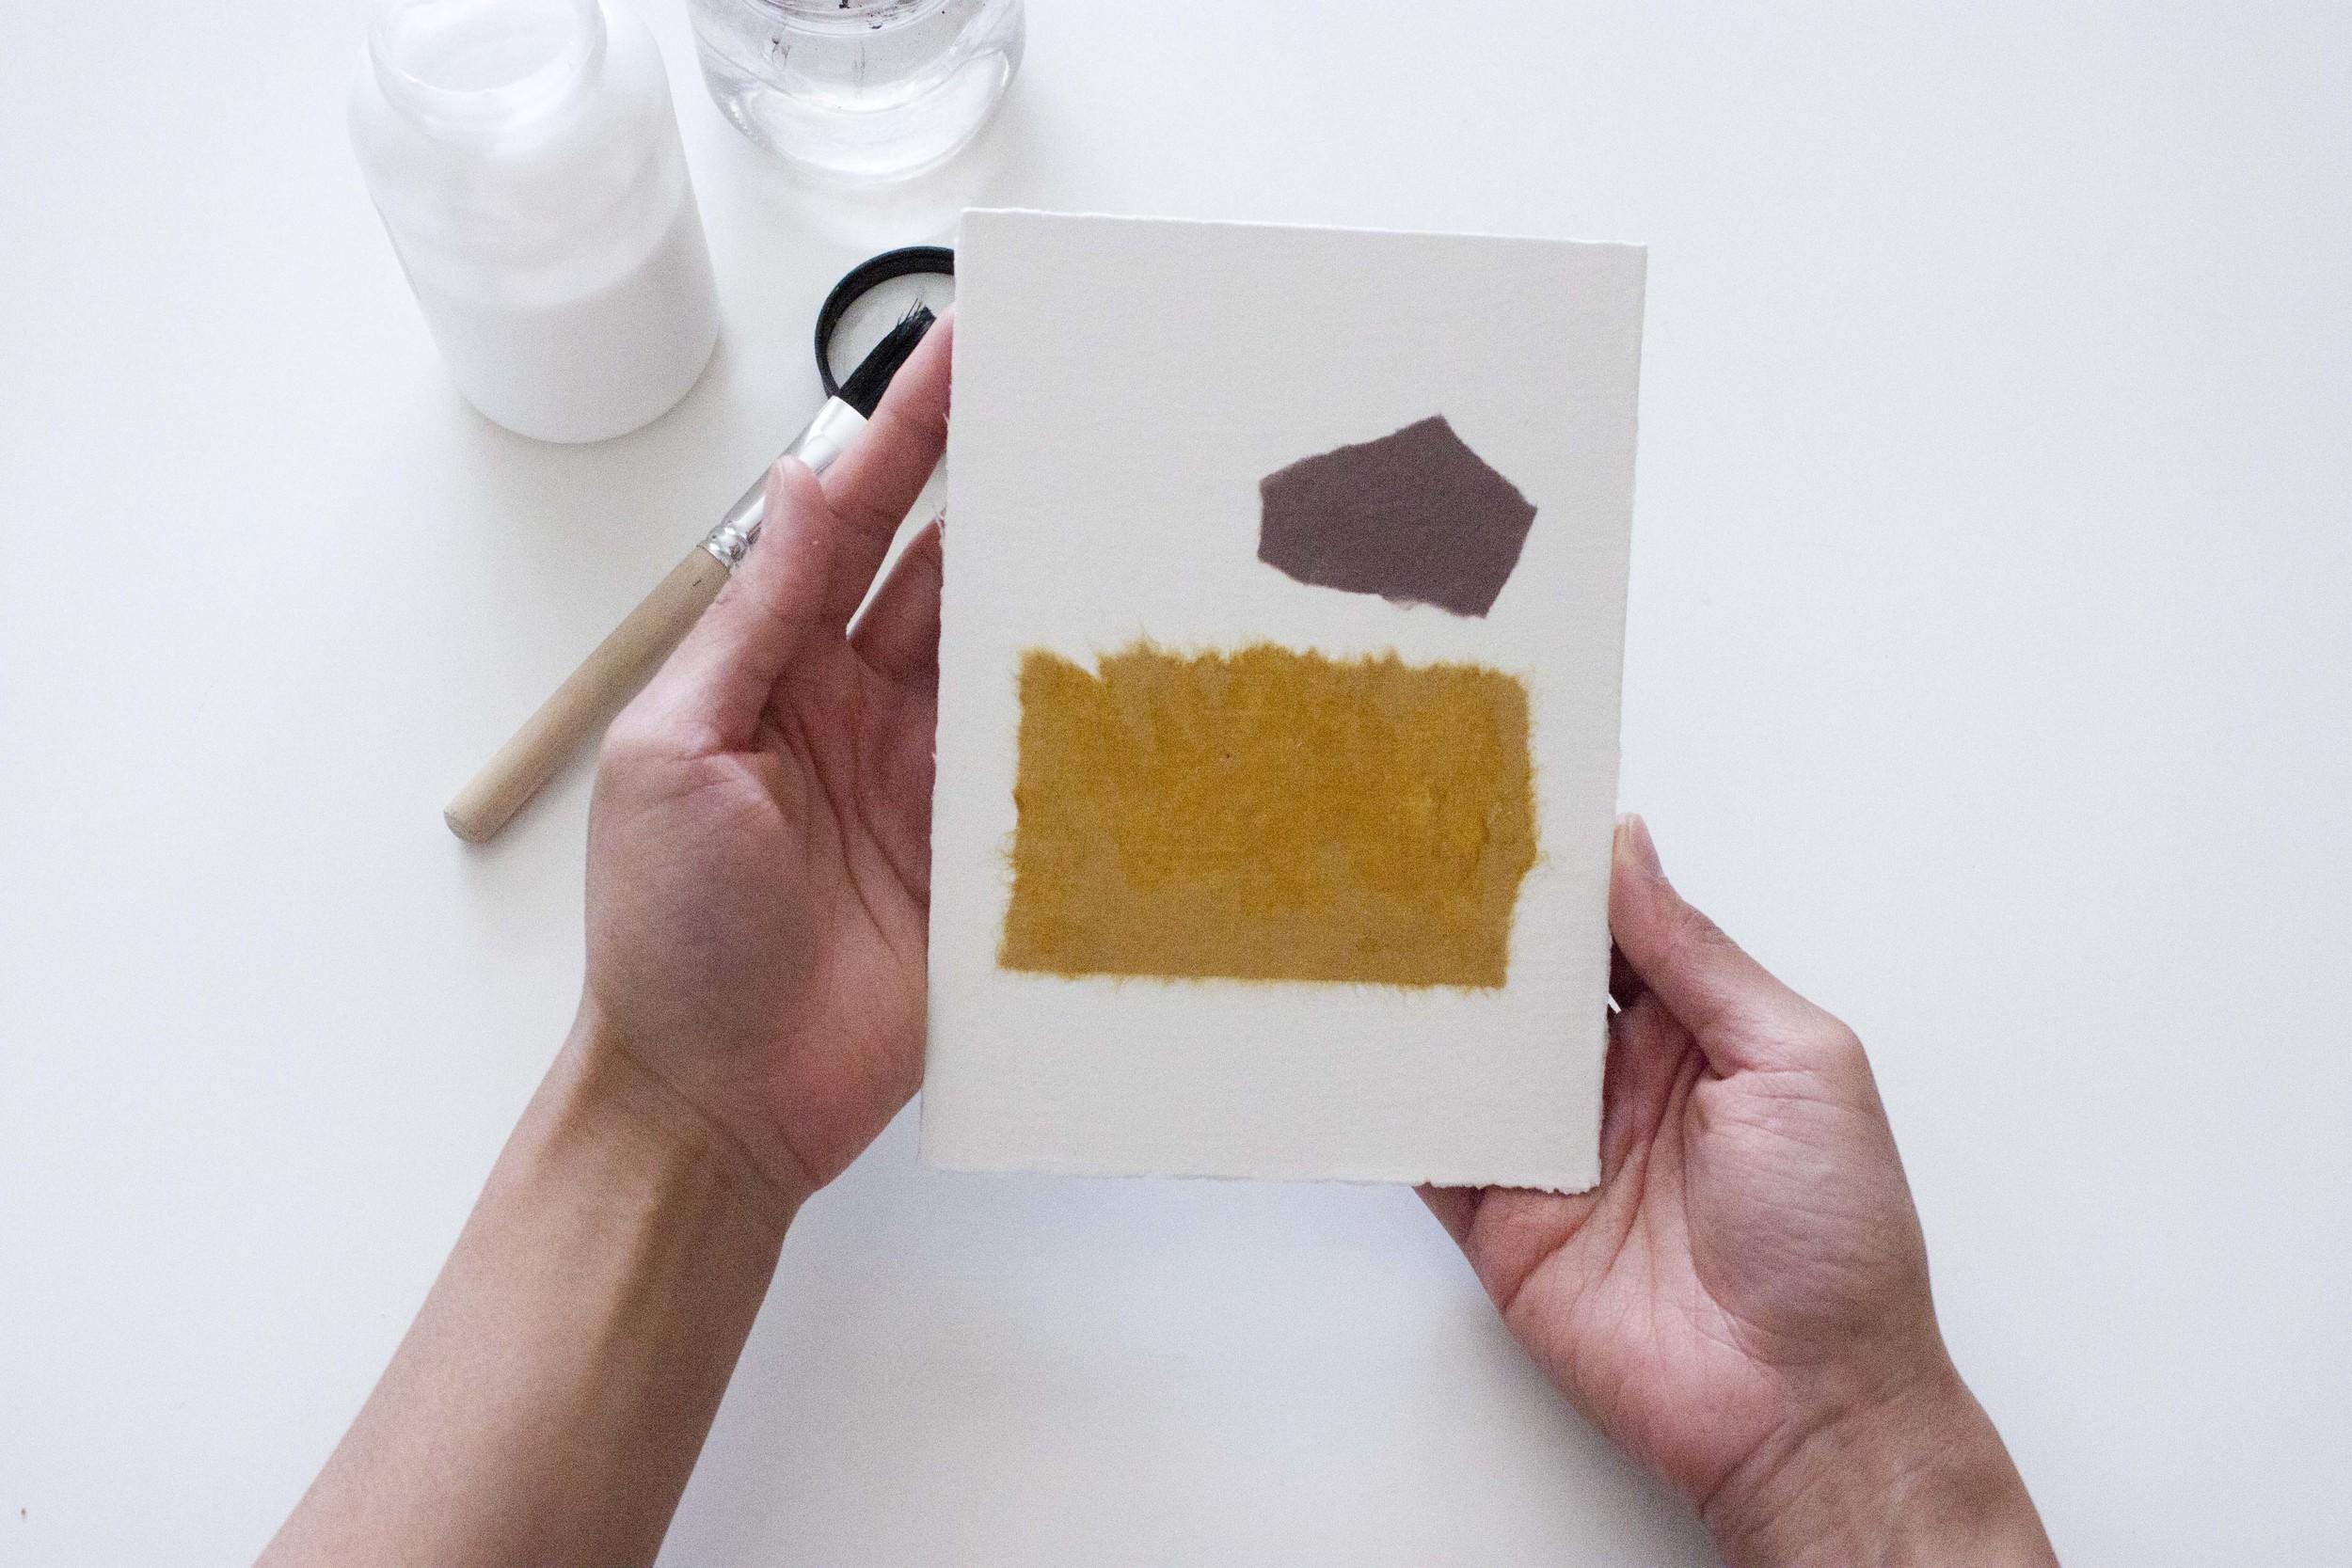 Torn Paper Illustration by Victoria-Riza